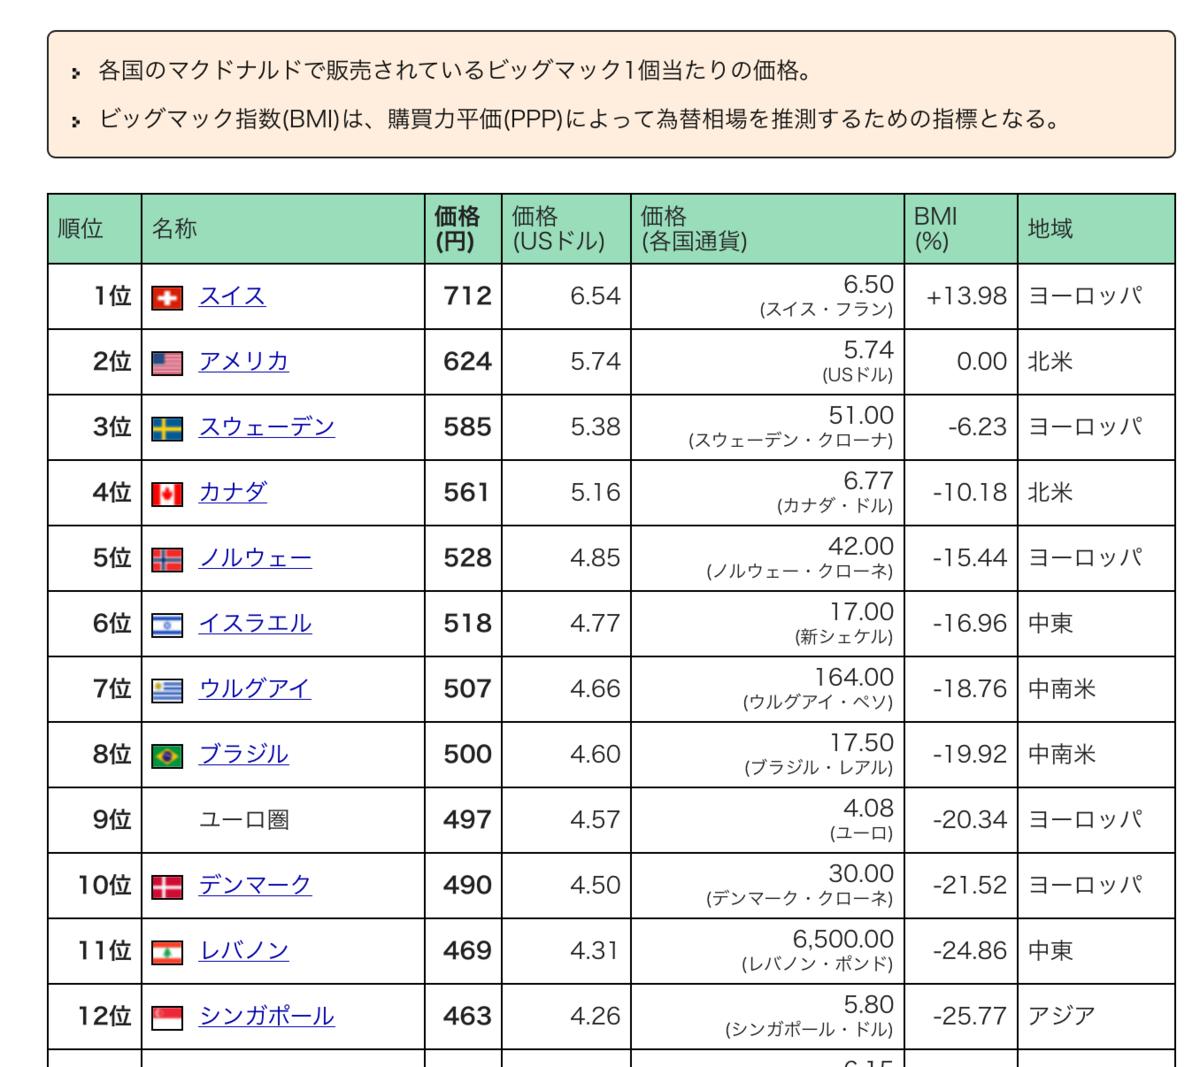 f:id:Cherrysakura:20190830062808p:plain